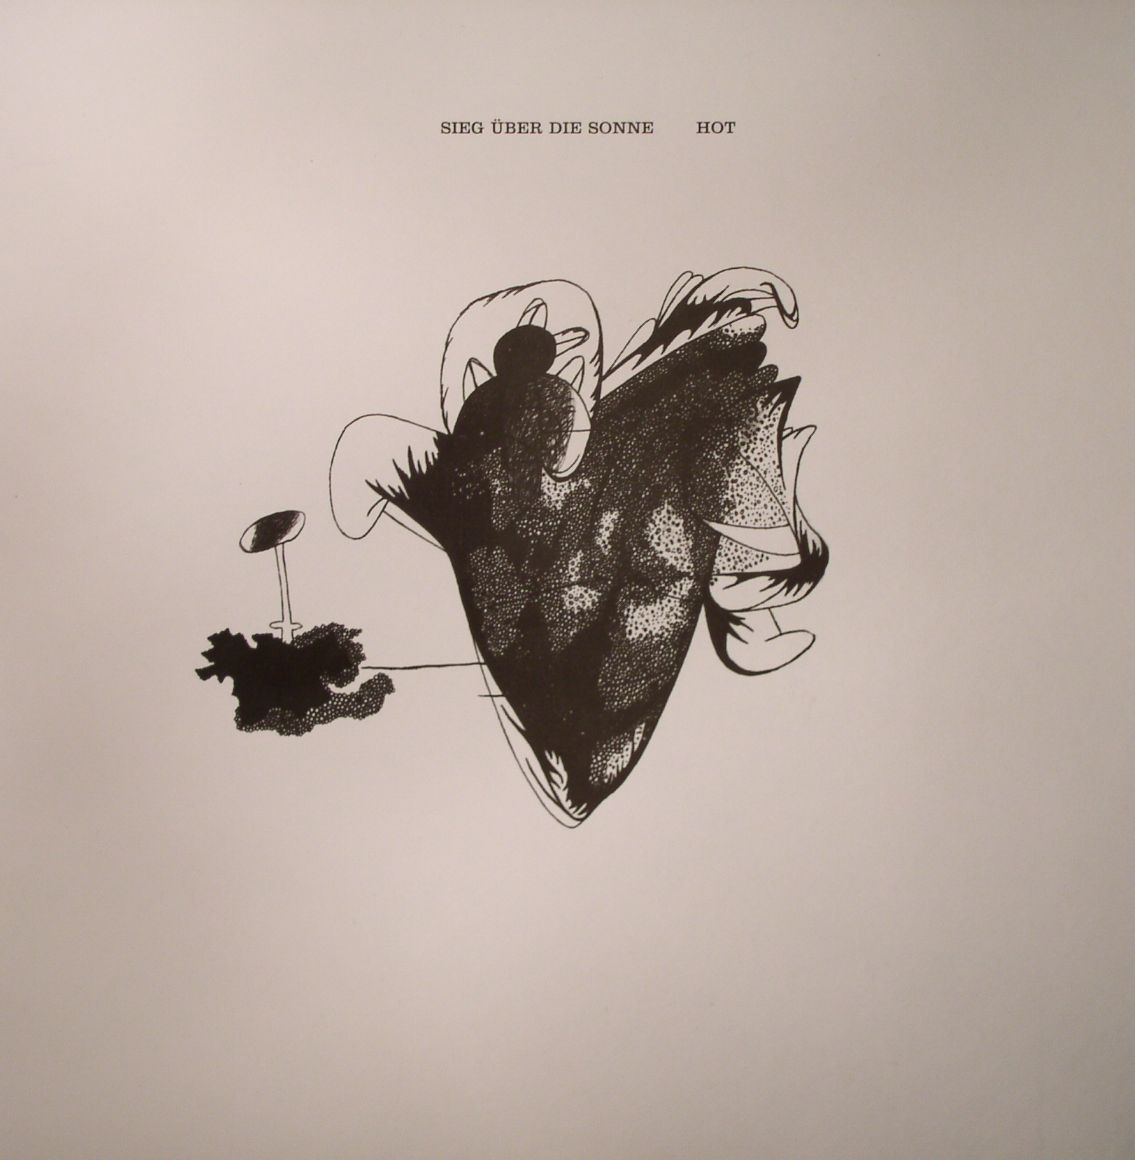 SIEG UBER DIE SONNE - Hot (Swag remixes)